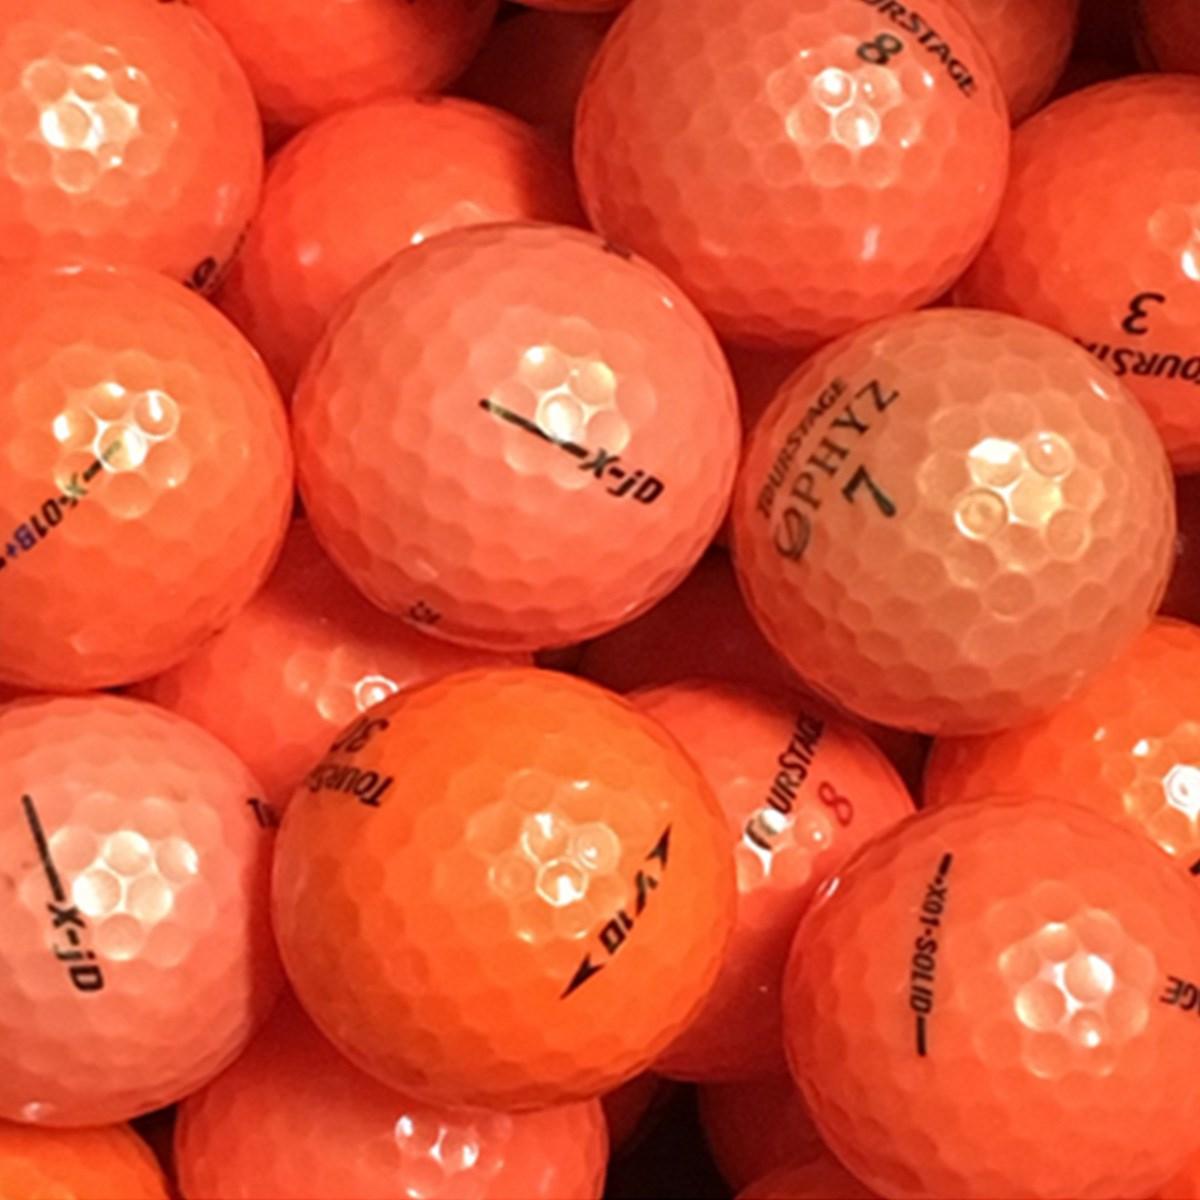 ロストボール ツアーステージ混合 Sランク オレンジ系 20個セット